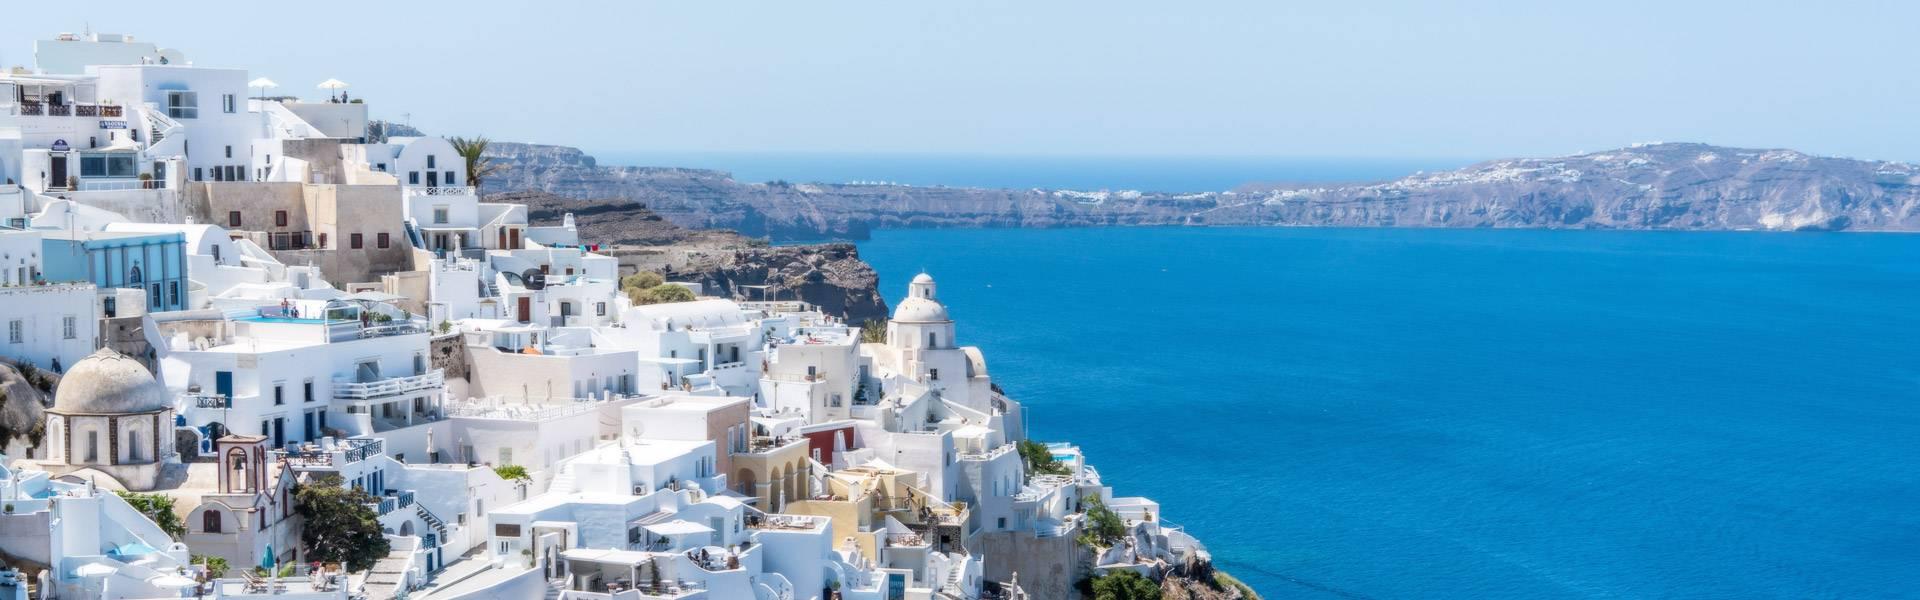 topo-grecia Europa